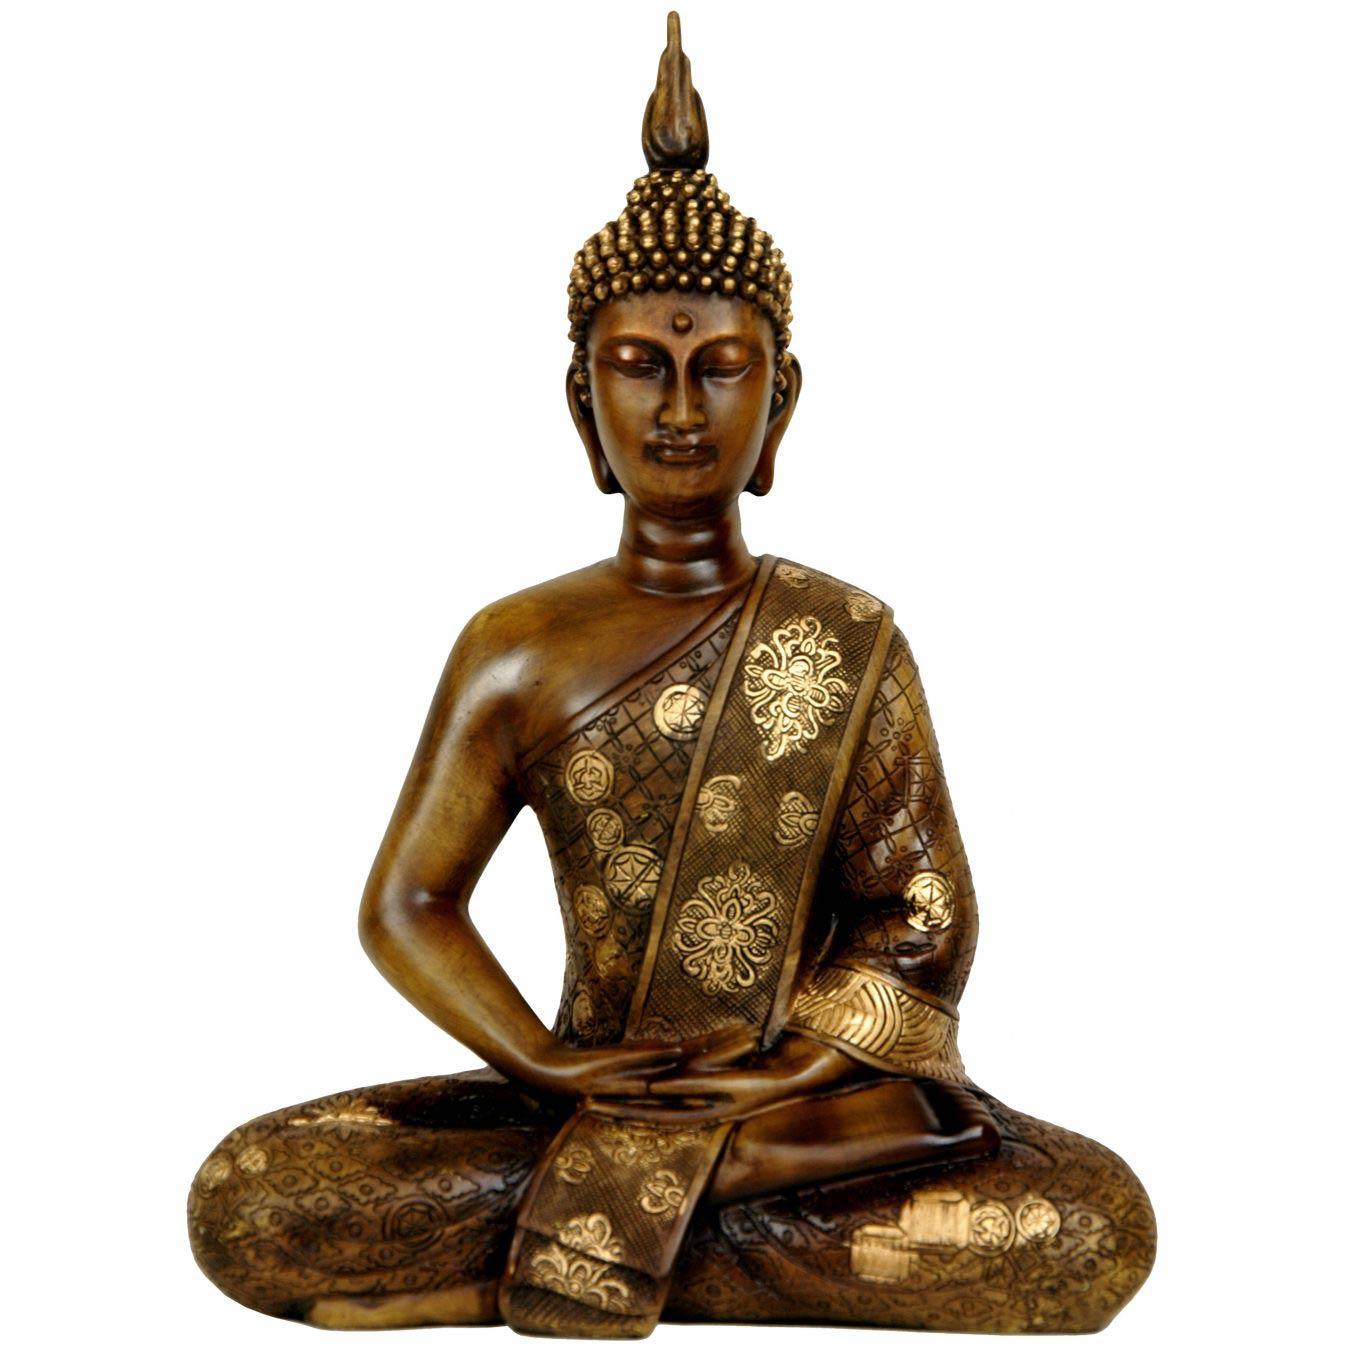 Buddhist statues 11 thai sitting buddha statue biocorpaavc Choice Image